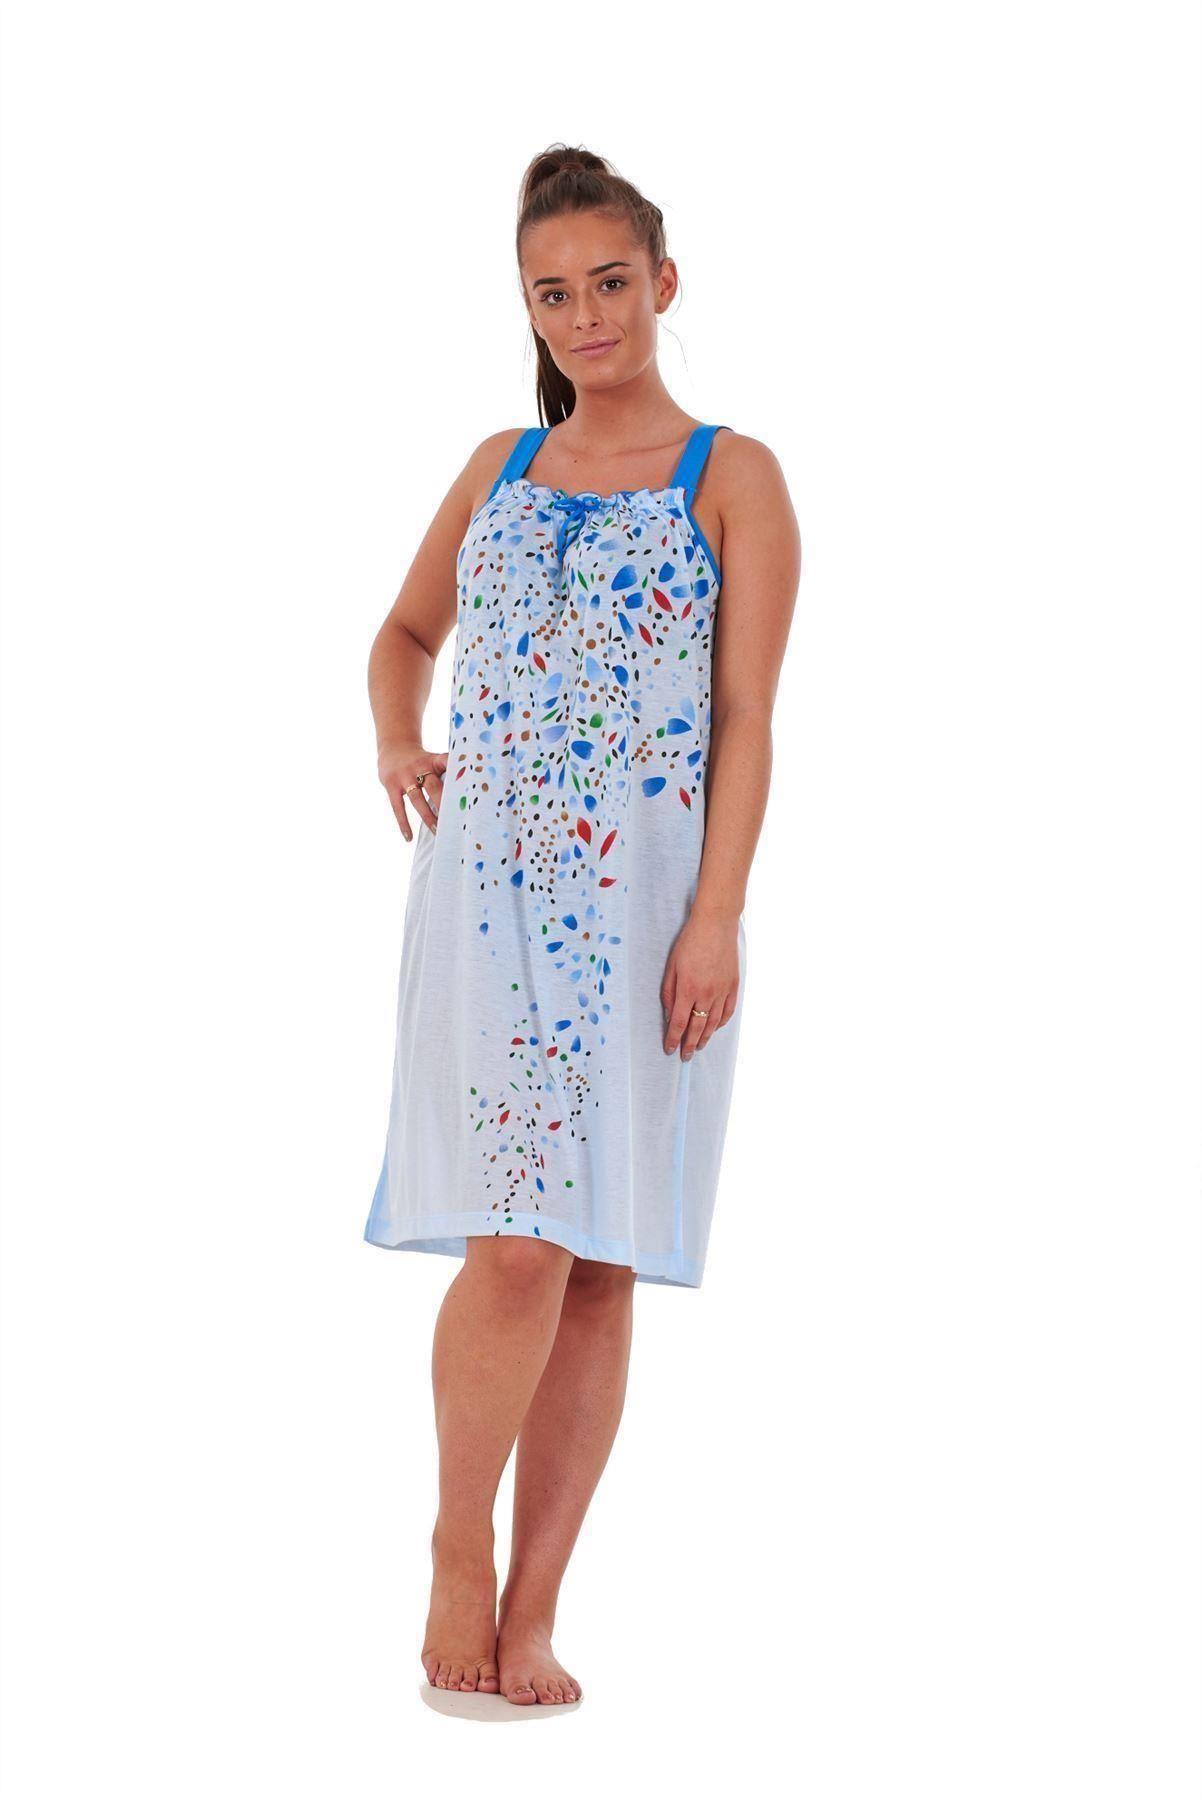 73594efc31 Ladies 100% Cotton Sleeveless Nightwear Floral Summer Short ...